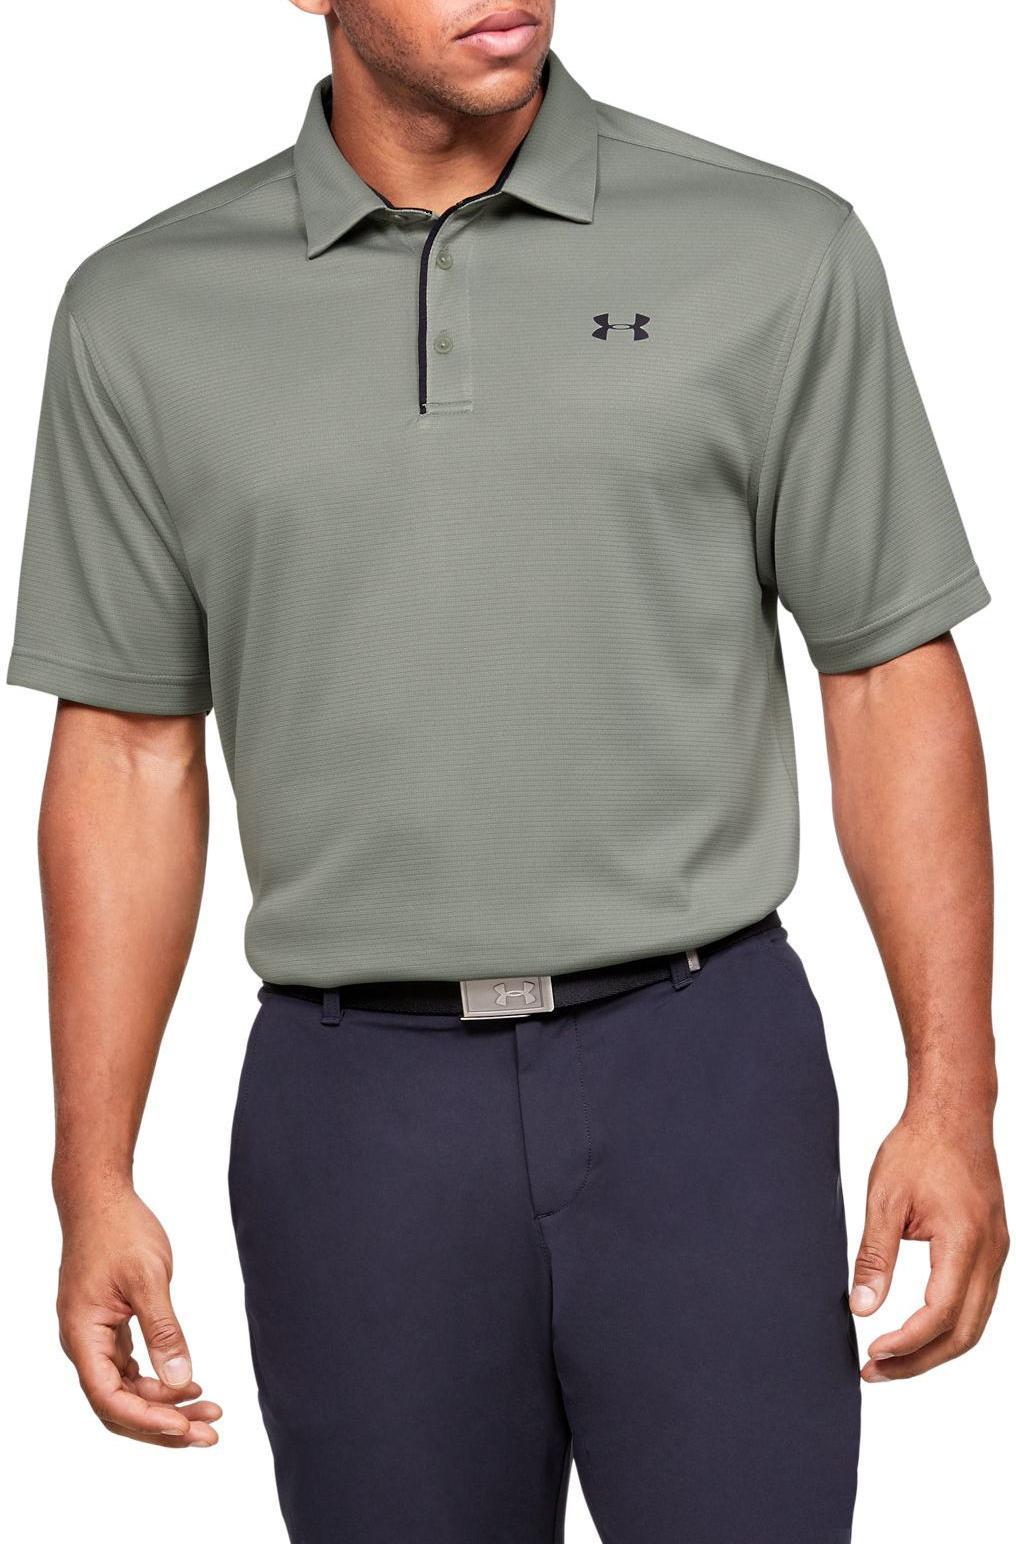 seguro bestia apuntalar  Polo shirt Under Armour Tech Polo - Top4Football.com